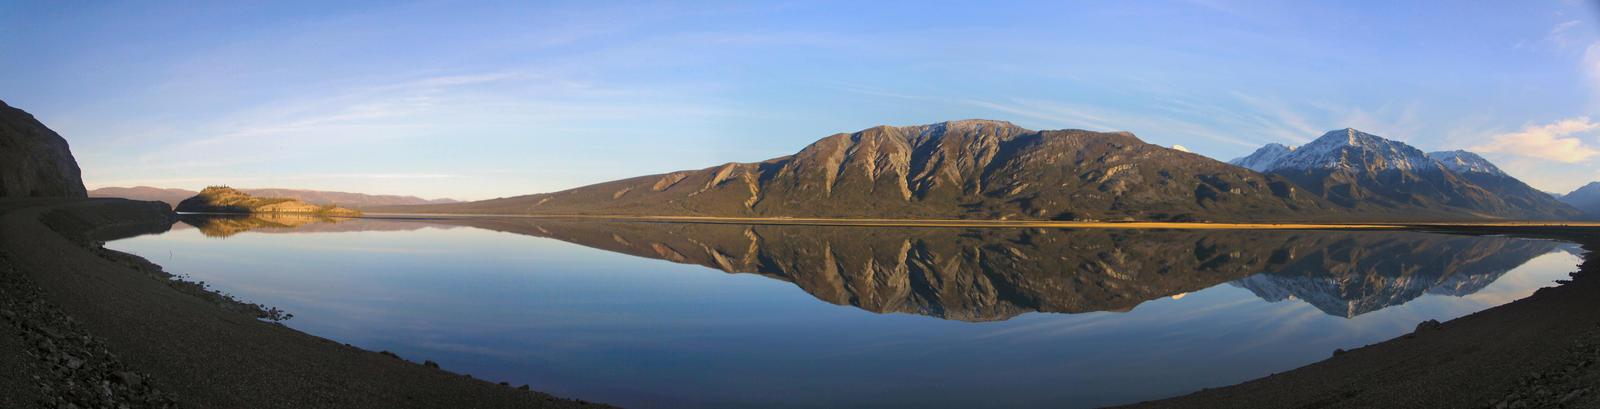 Kluane Lake Panorama by Caloxort